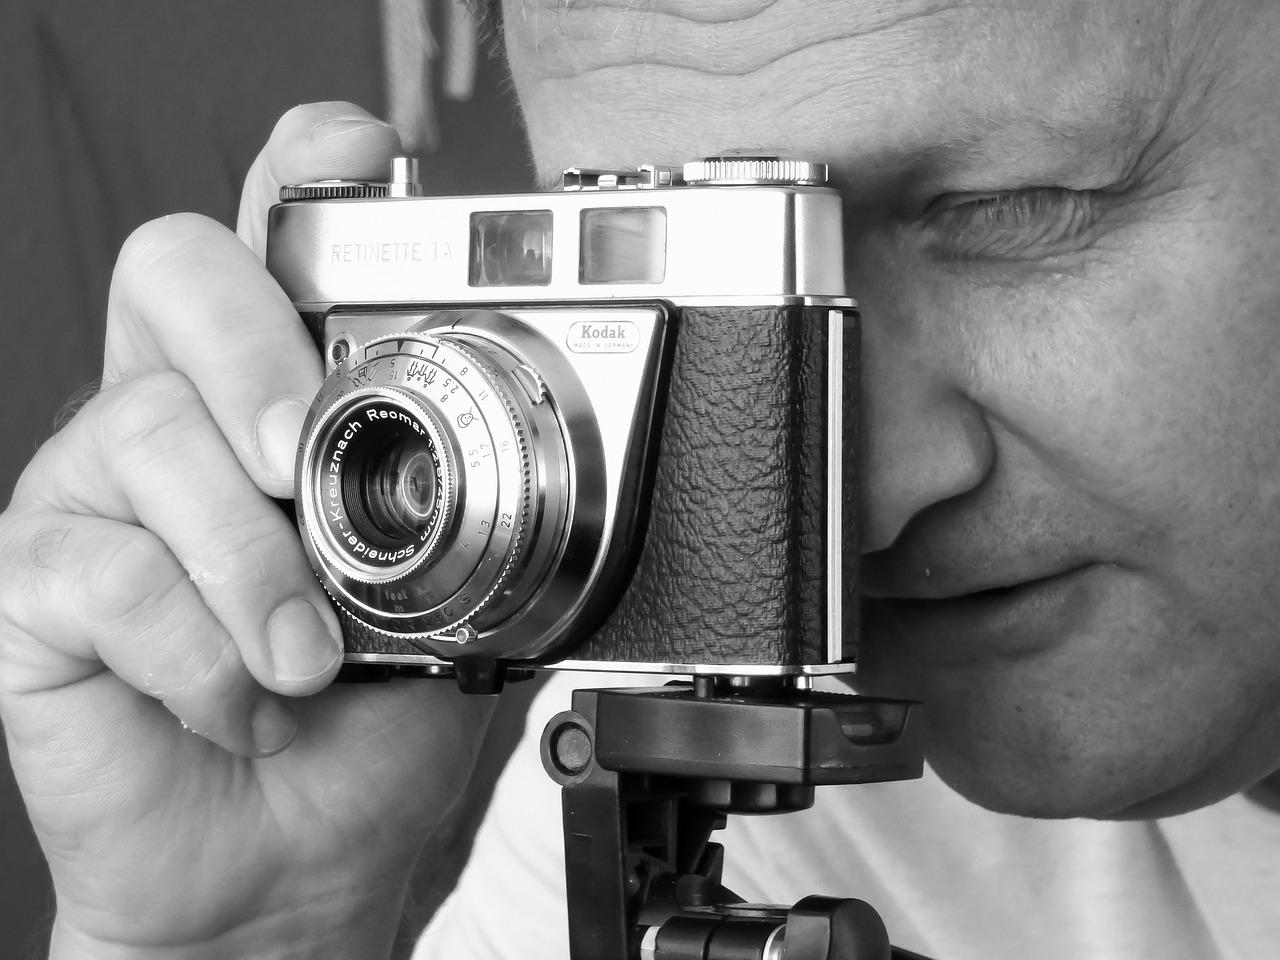 мире места, какими фотоаппаратами снимают известные фотографы становись